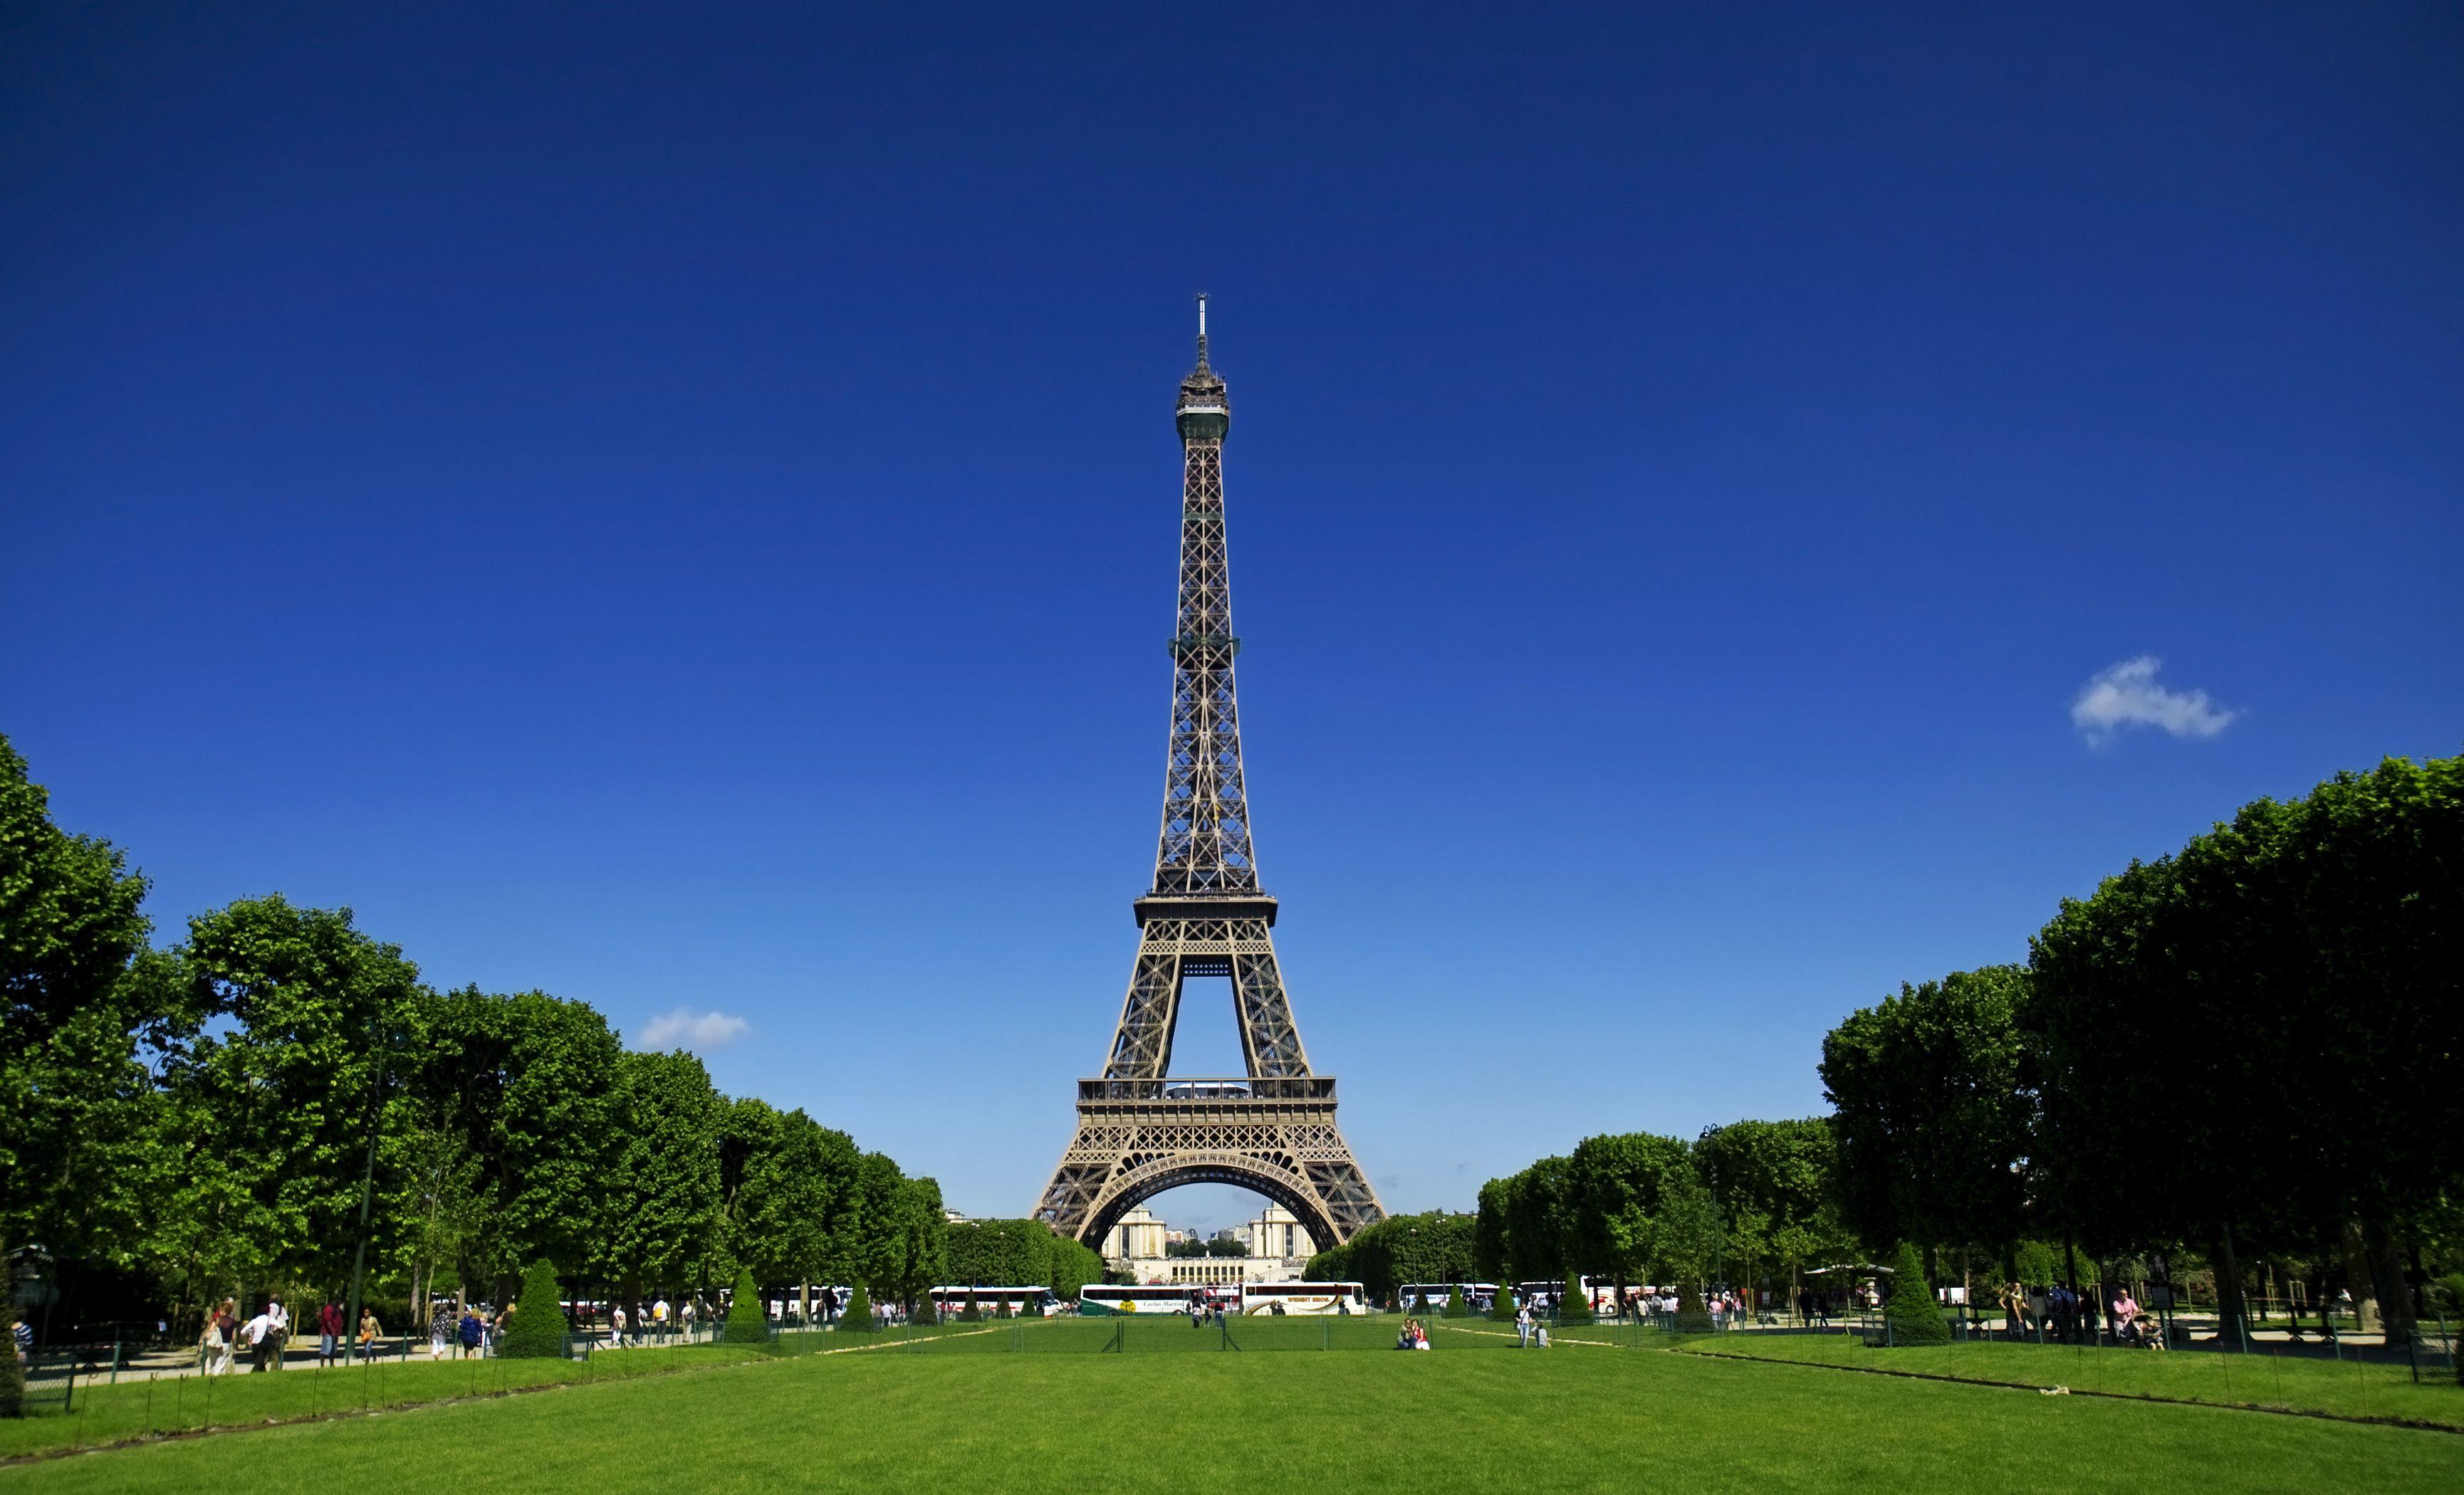 Szukasz hotelu w Paryżu? Najtaniej zarezerwujesz go na rezerwuje.pl